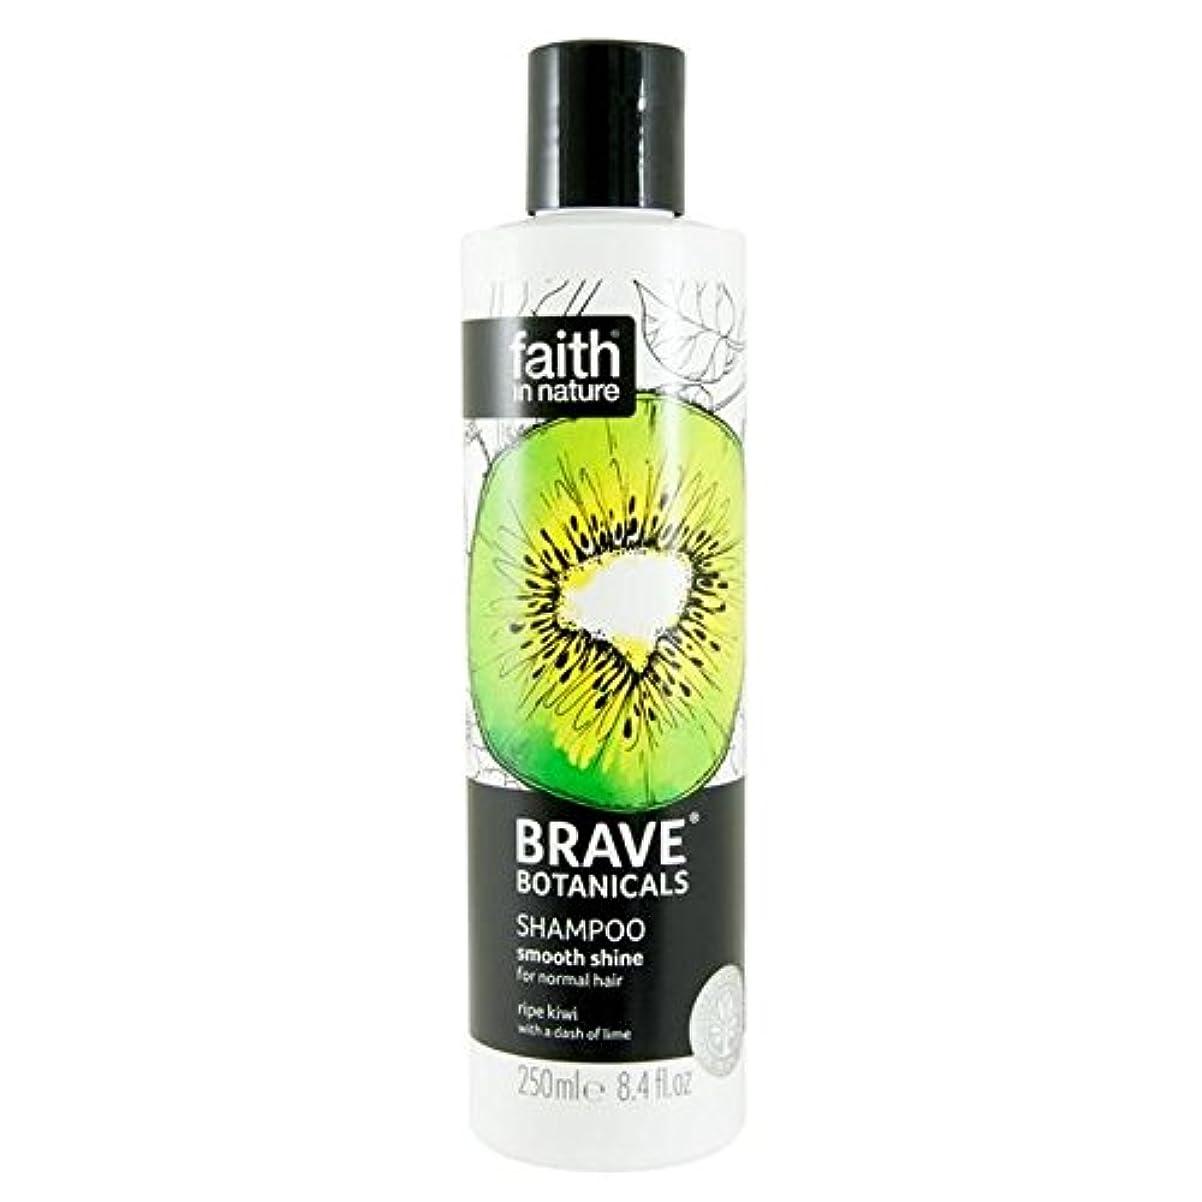 にもかかわらず苦行関与するBrave Botanicals Kiwi & Lime Smooth Shine Shampoo 250ml (Pack of 6) - (Faith In Nature) 勇敢な植物キウイ&ライムなめらかな輝きシャンプー250Ml (x6) [並行輸入品]